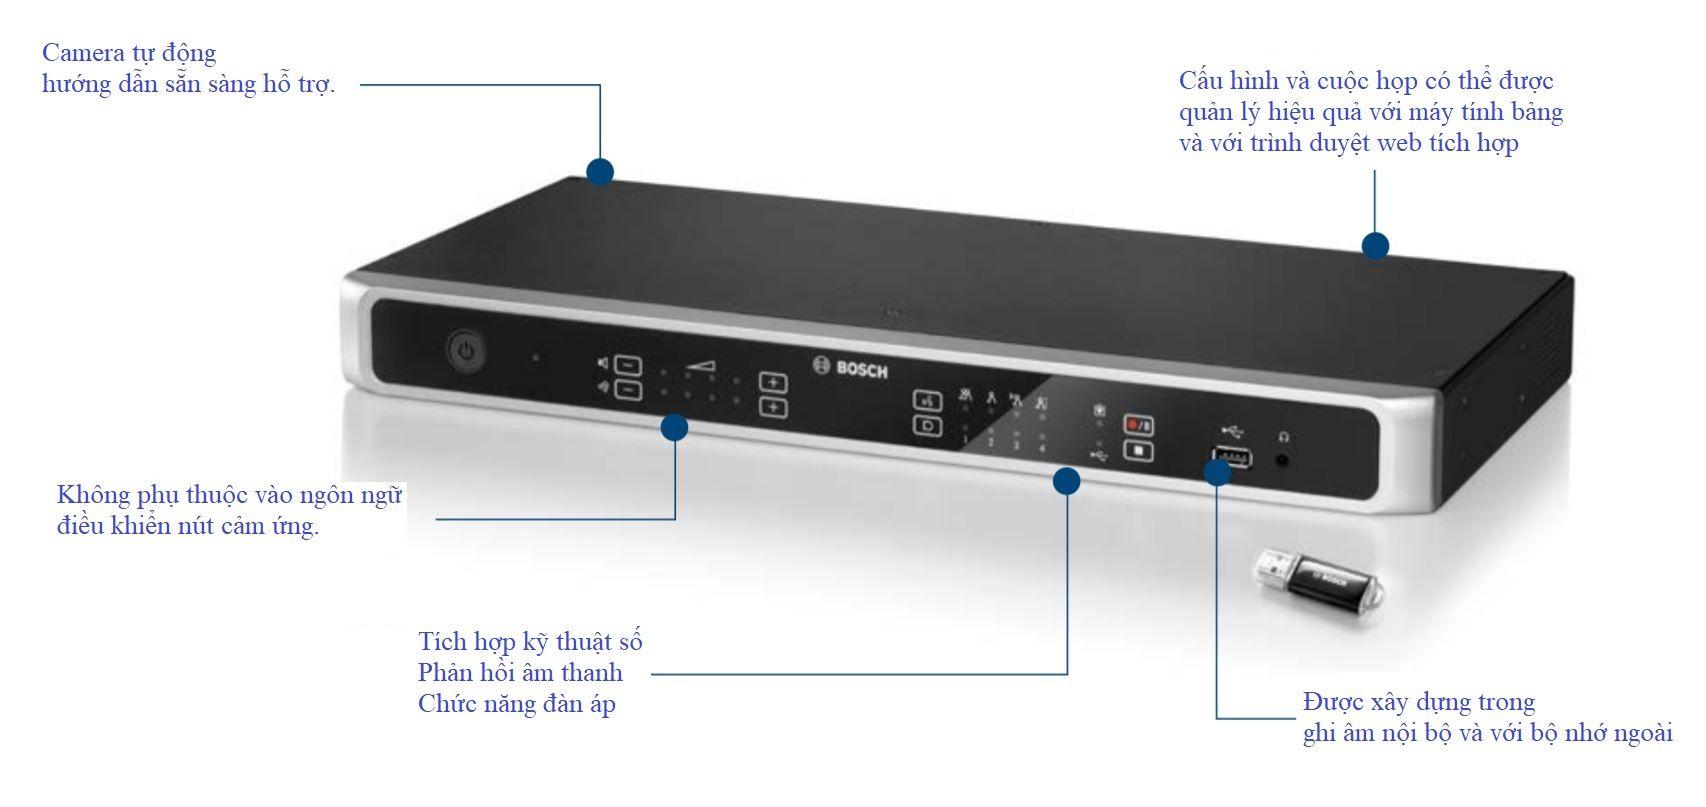 Bộ điều khiển trung tâm Bosch CCSD-DS